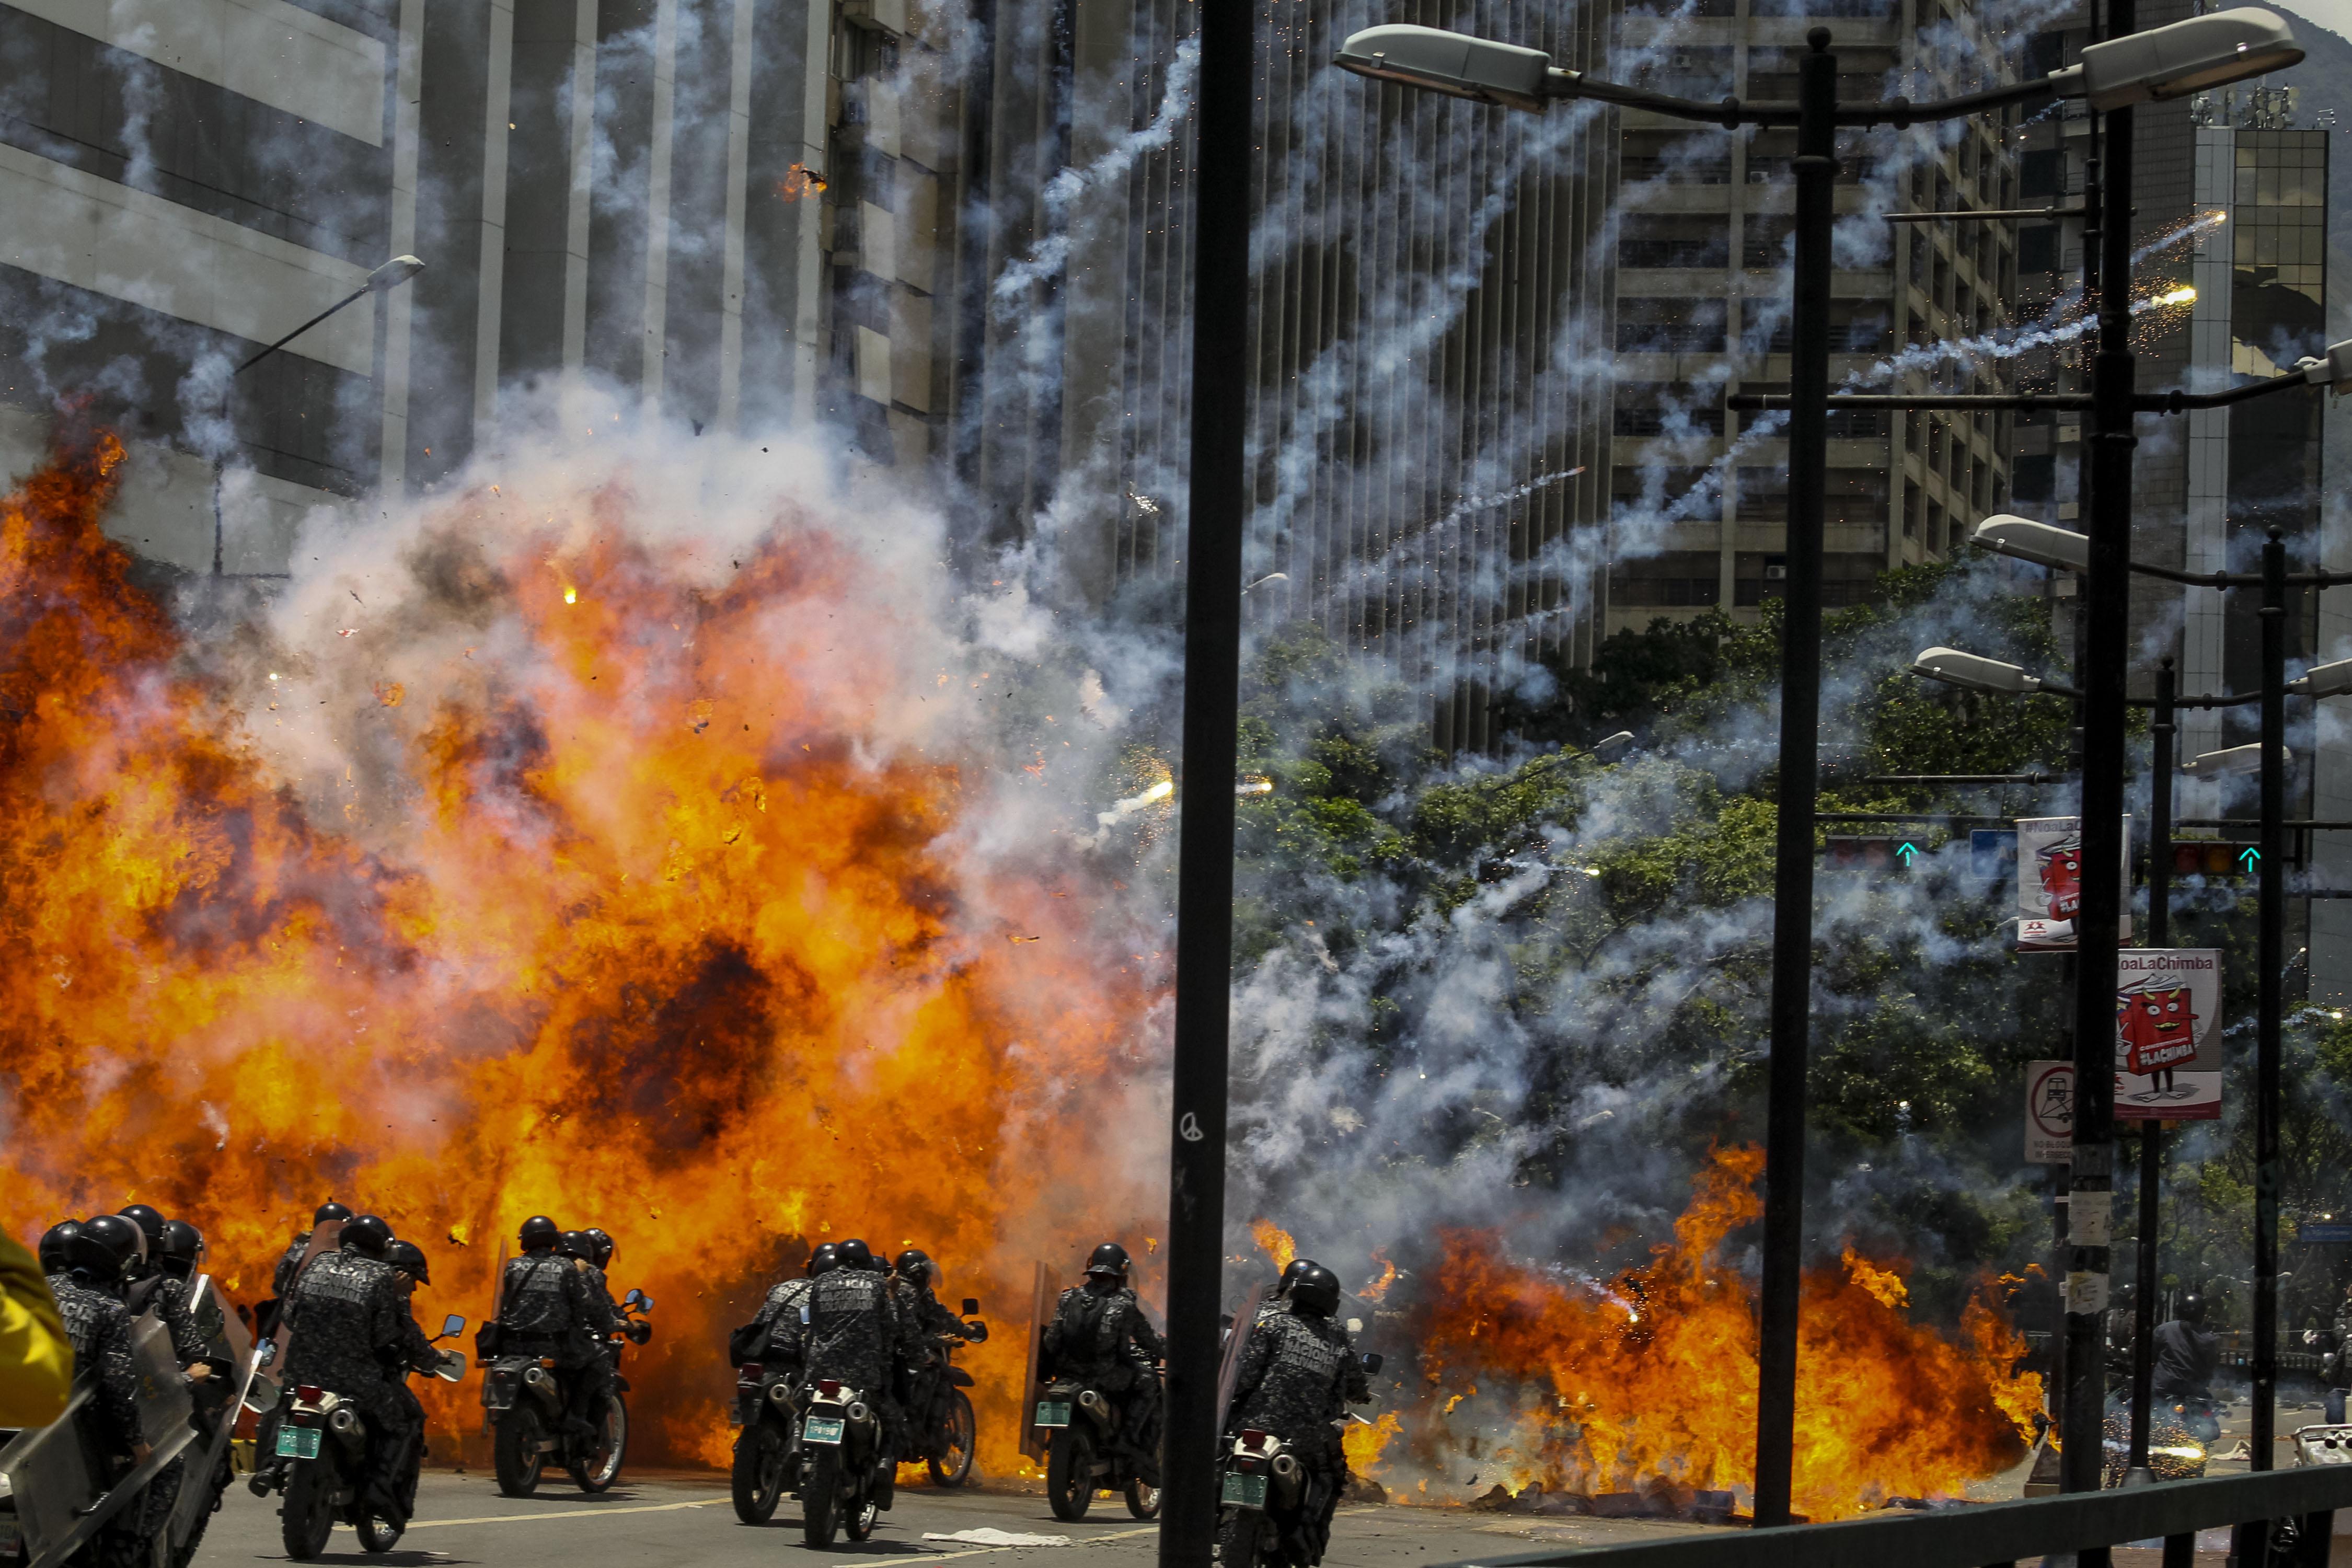 Fotografía de una explosión en medio de varios policías motorizados hoy, domingo 30 de julio de 2017, en inmediaciones de la Plaza Altamira de Caracas (Venezuela). Un agente resultó hoy herido tras la explosión de dos motos de la Policía Nacional Bolivariana (PNB) y otra de un civil, en las inmediaciones de una protesta ciudadana en Caracas contra las elecciones a la Asamblea Nacional Constituyente, convocada por el presidente venezolano, Nicolás Maduro. EFE/Miguel Gutiérrez